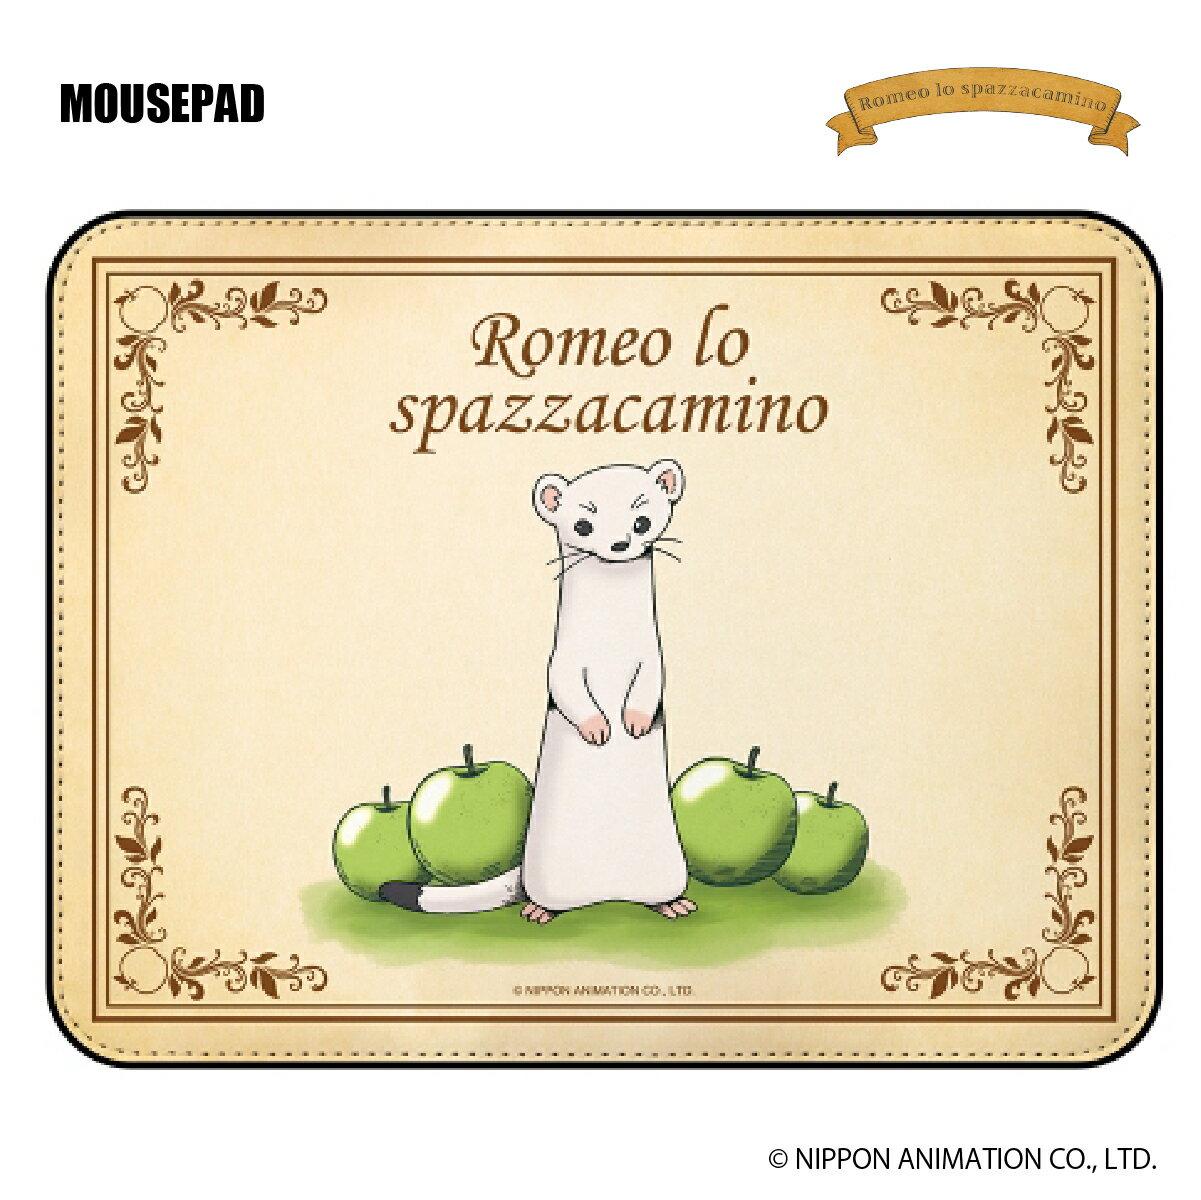 ロミオの青い空‐Romeo lo spazzacamino -マウスパッド [ピッコロ]【マウスパッド PCアクセサリー 世界名作劇場 ピッコロ】画像